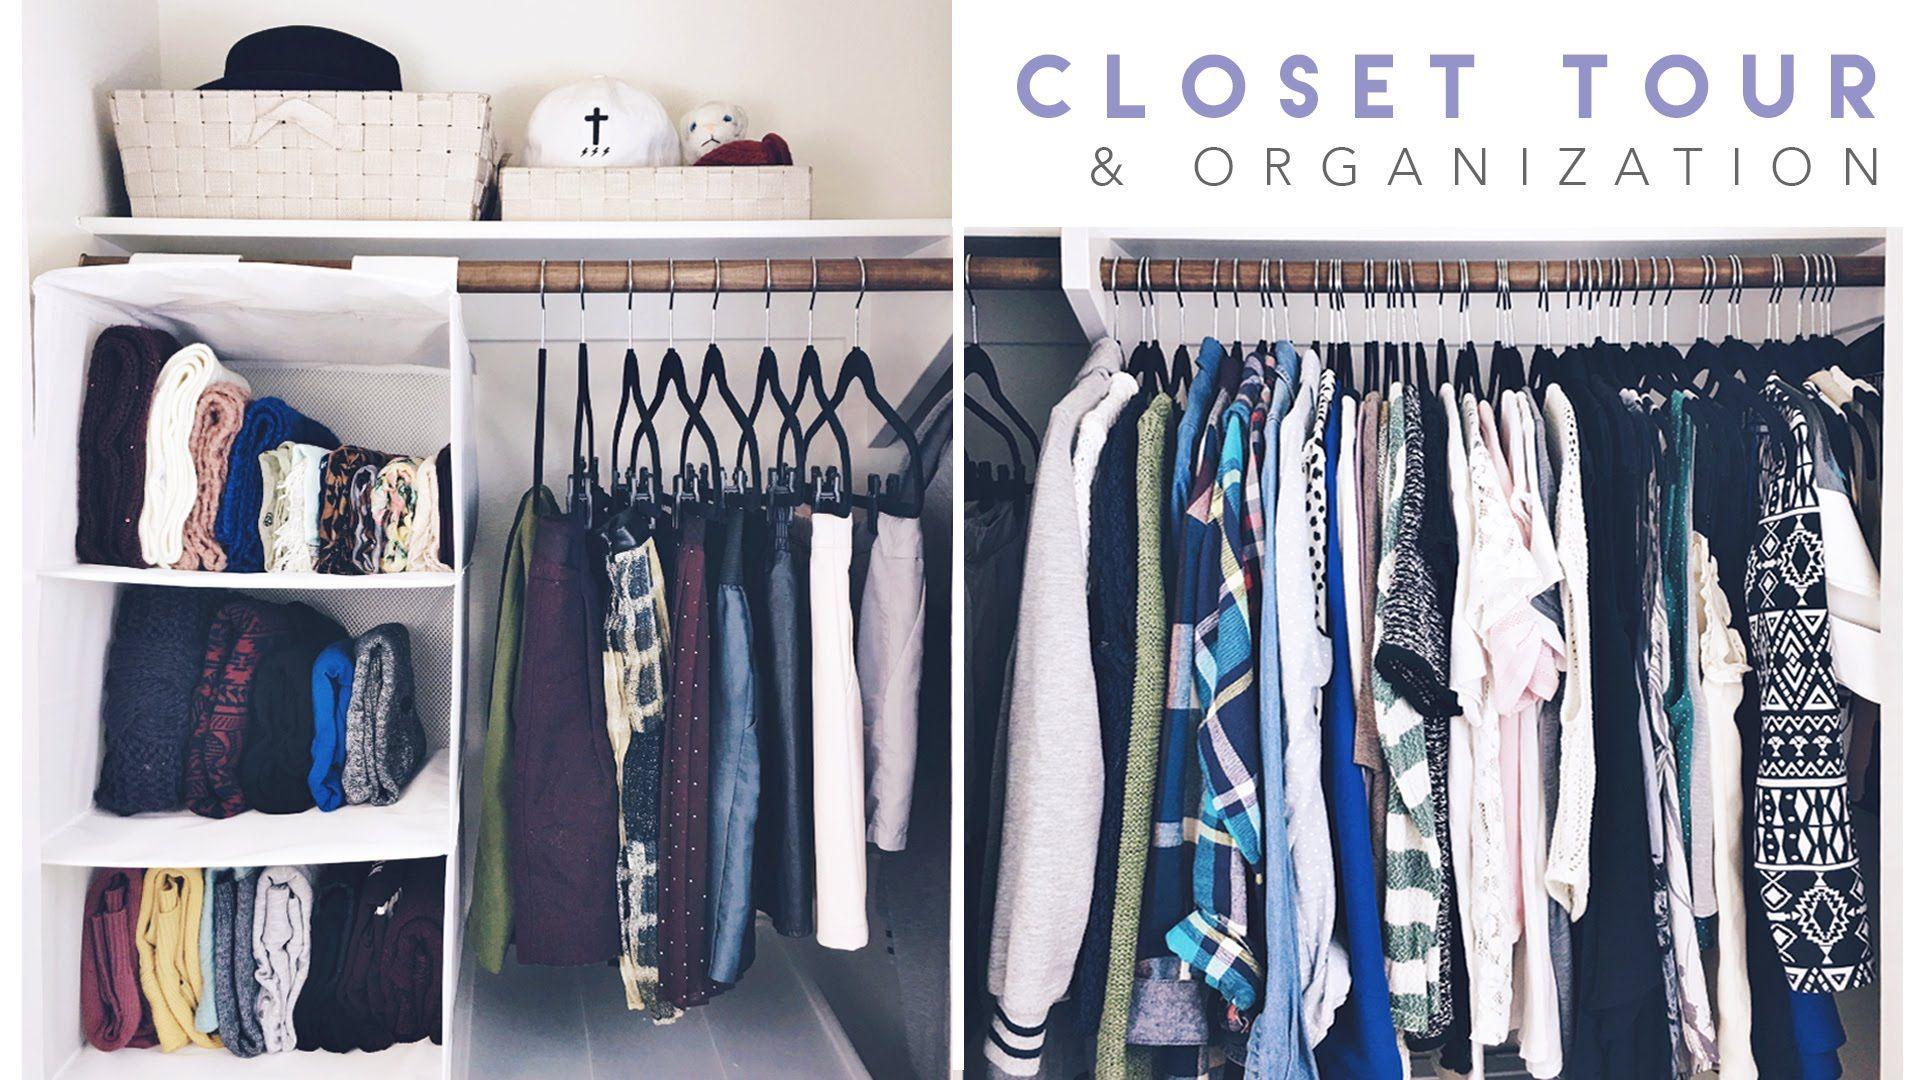 Closet Tour + Organization 2016 | organizing | Closet tour